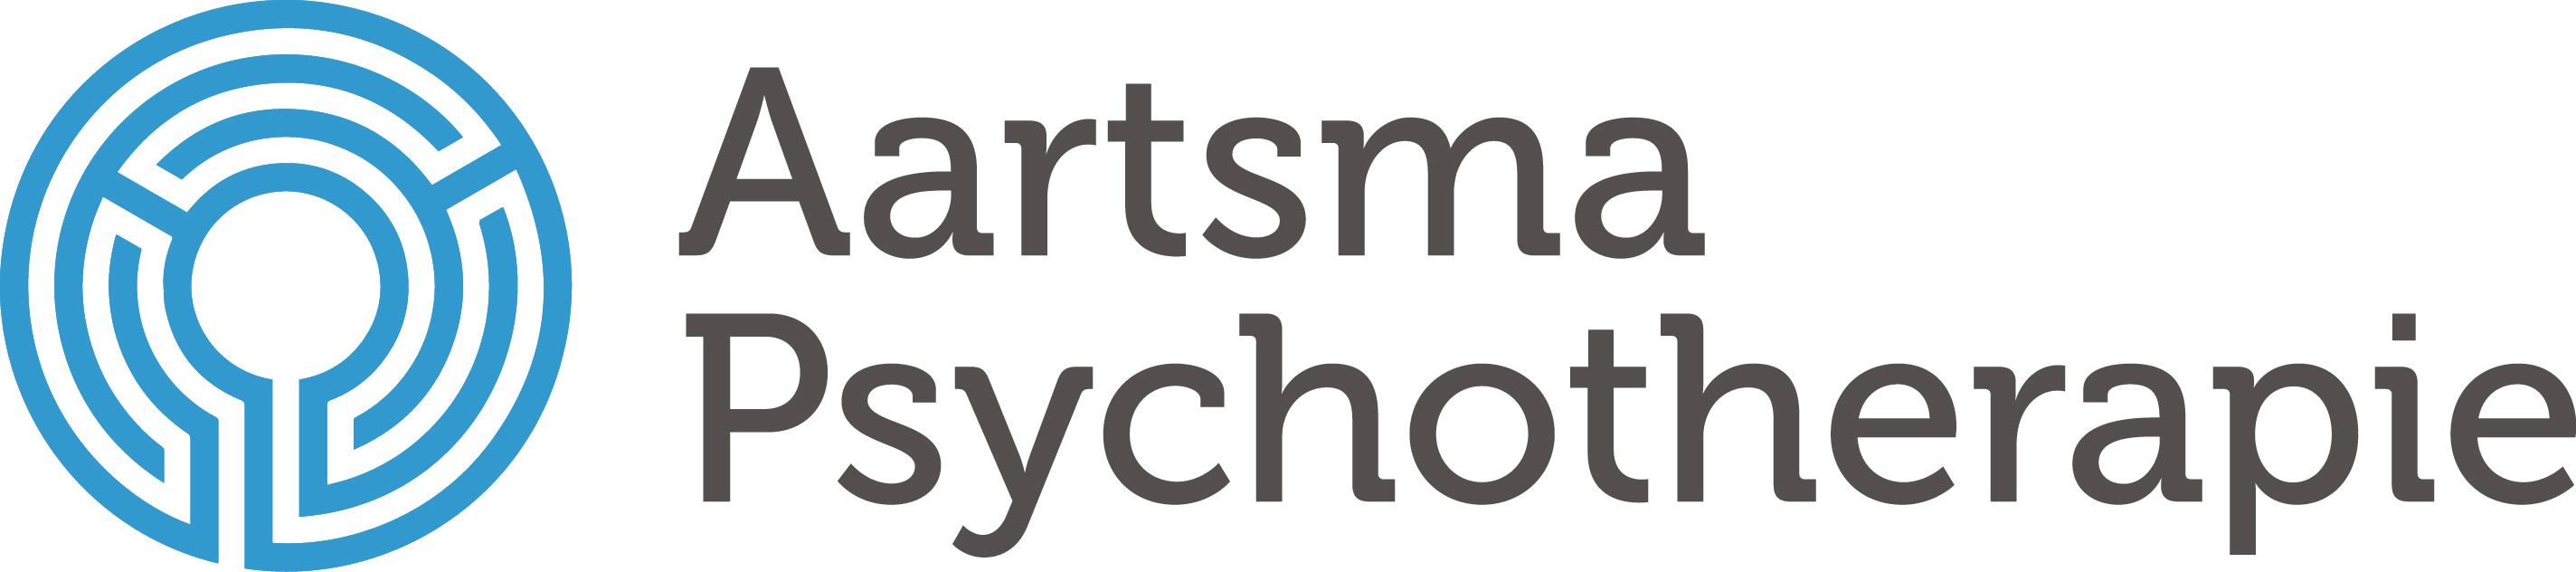 Aartsma Psychotherapie